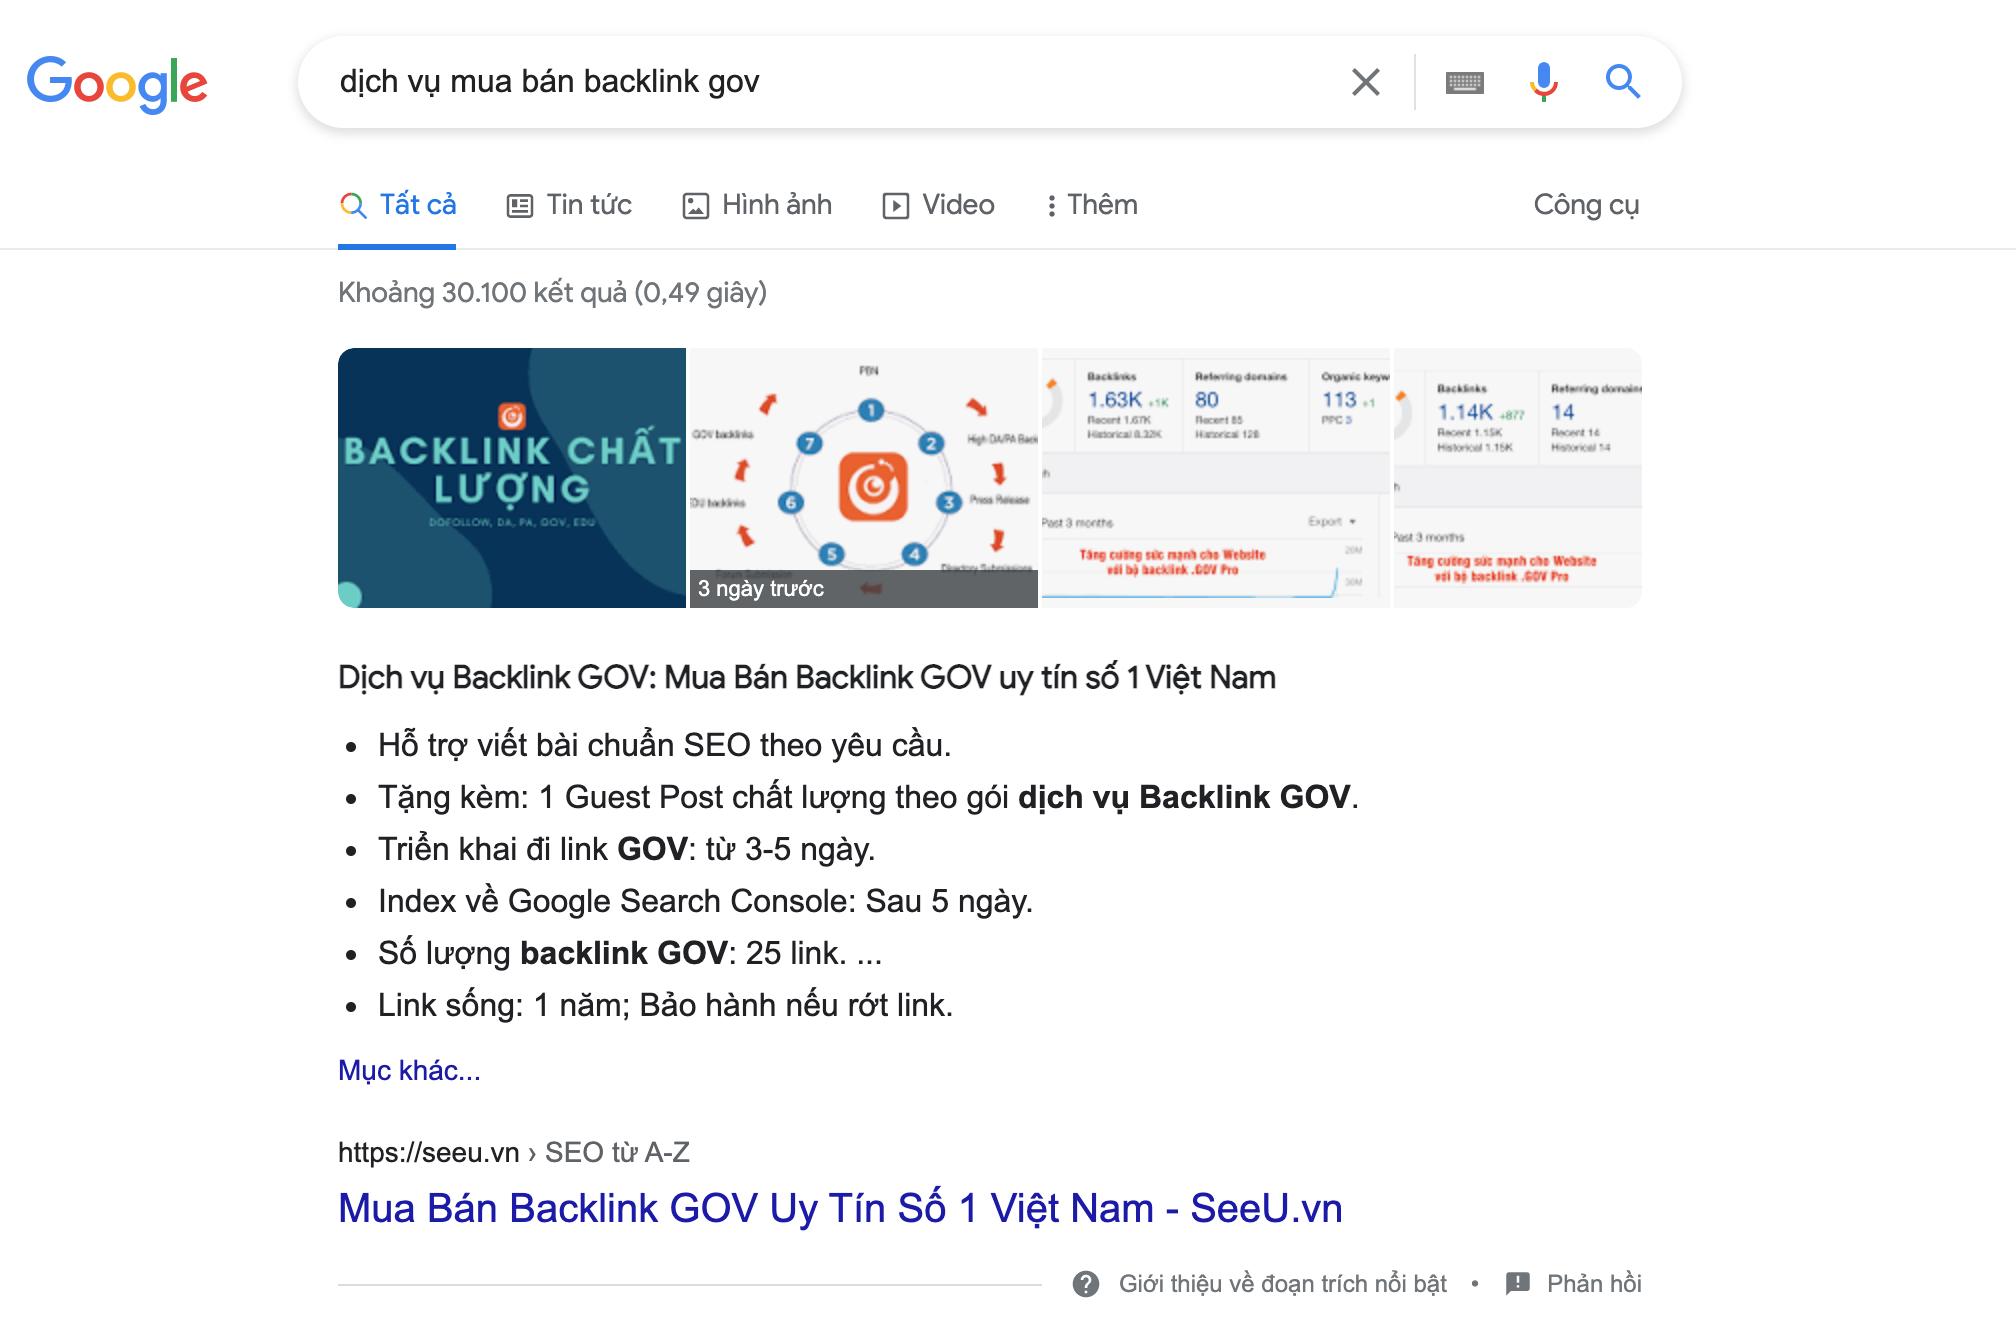 Dịch vụ backlink GOV số 1 tại SeeU